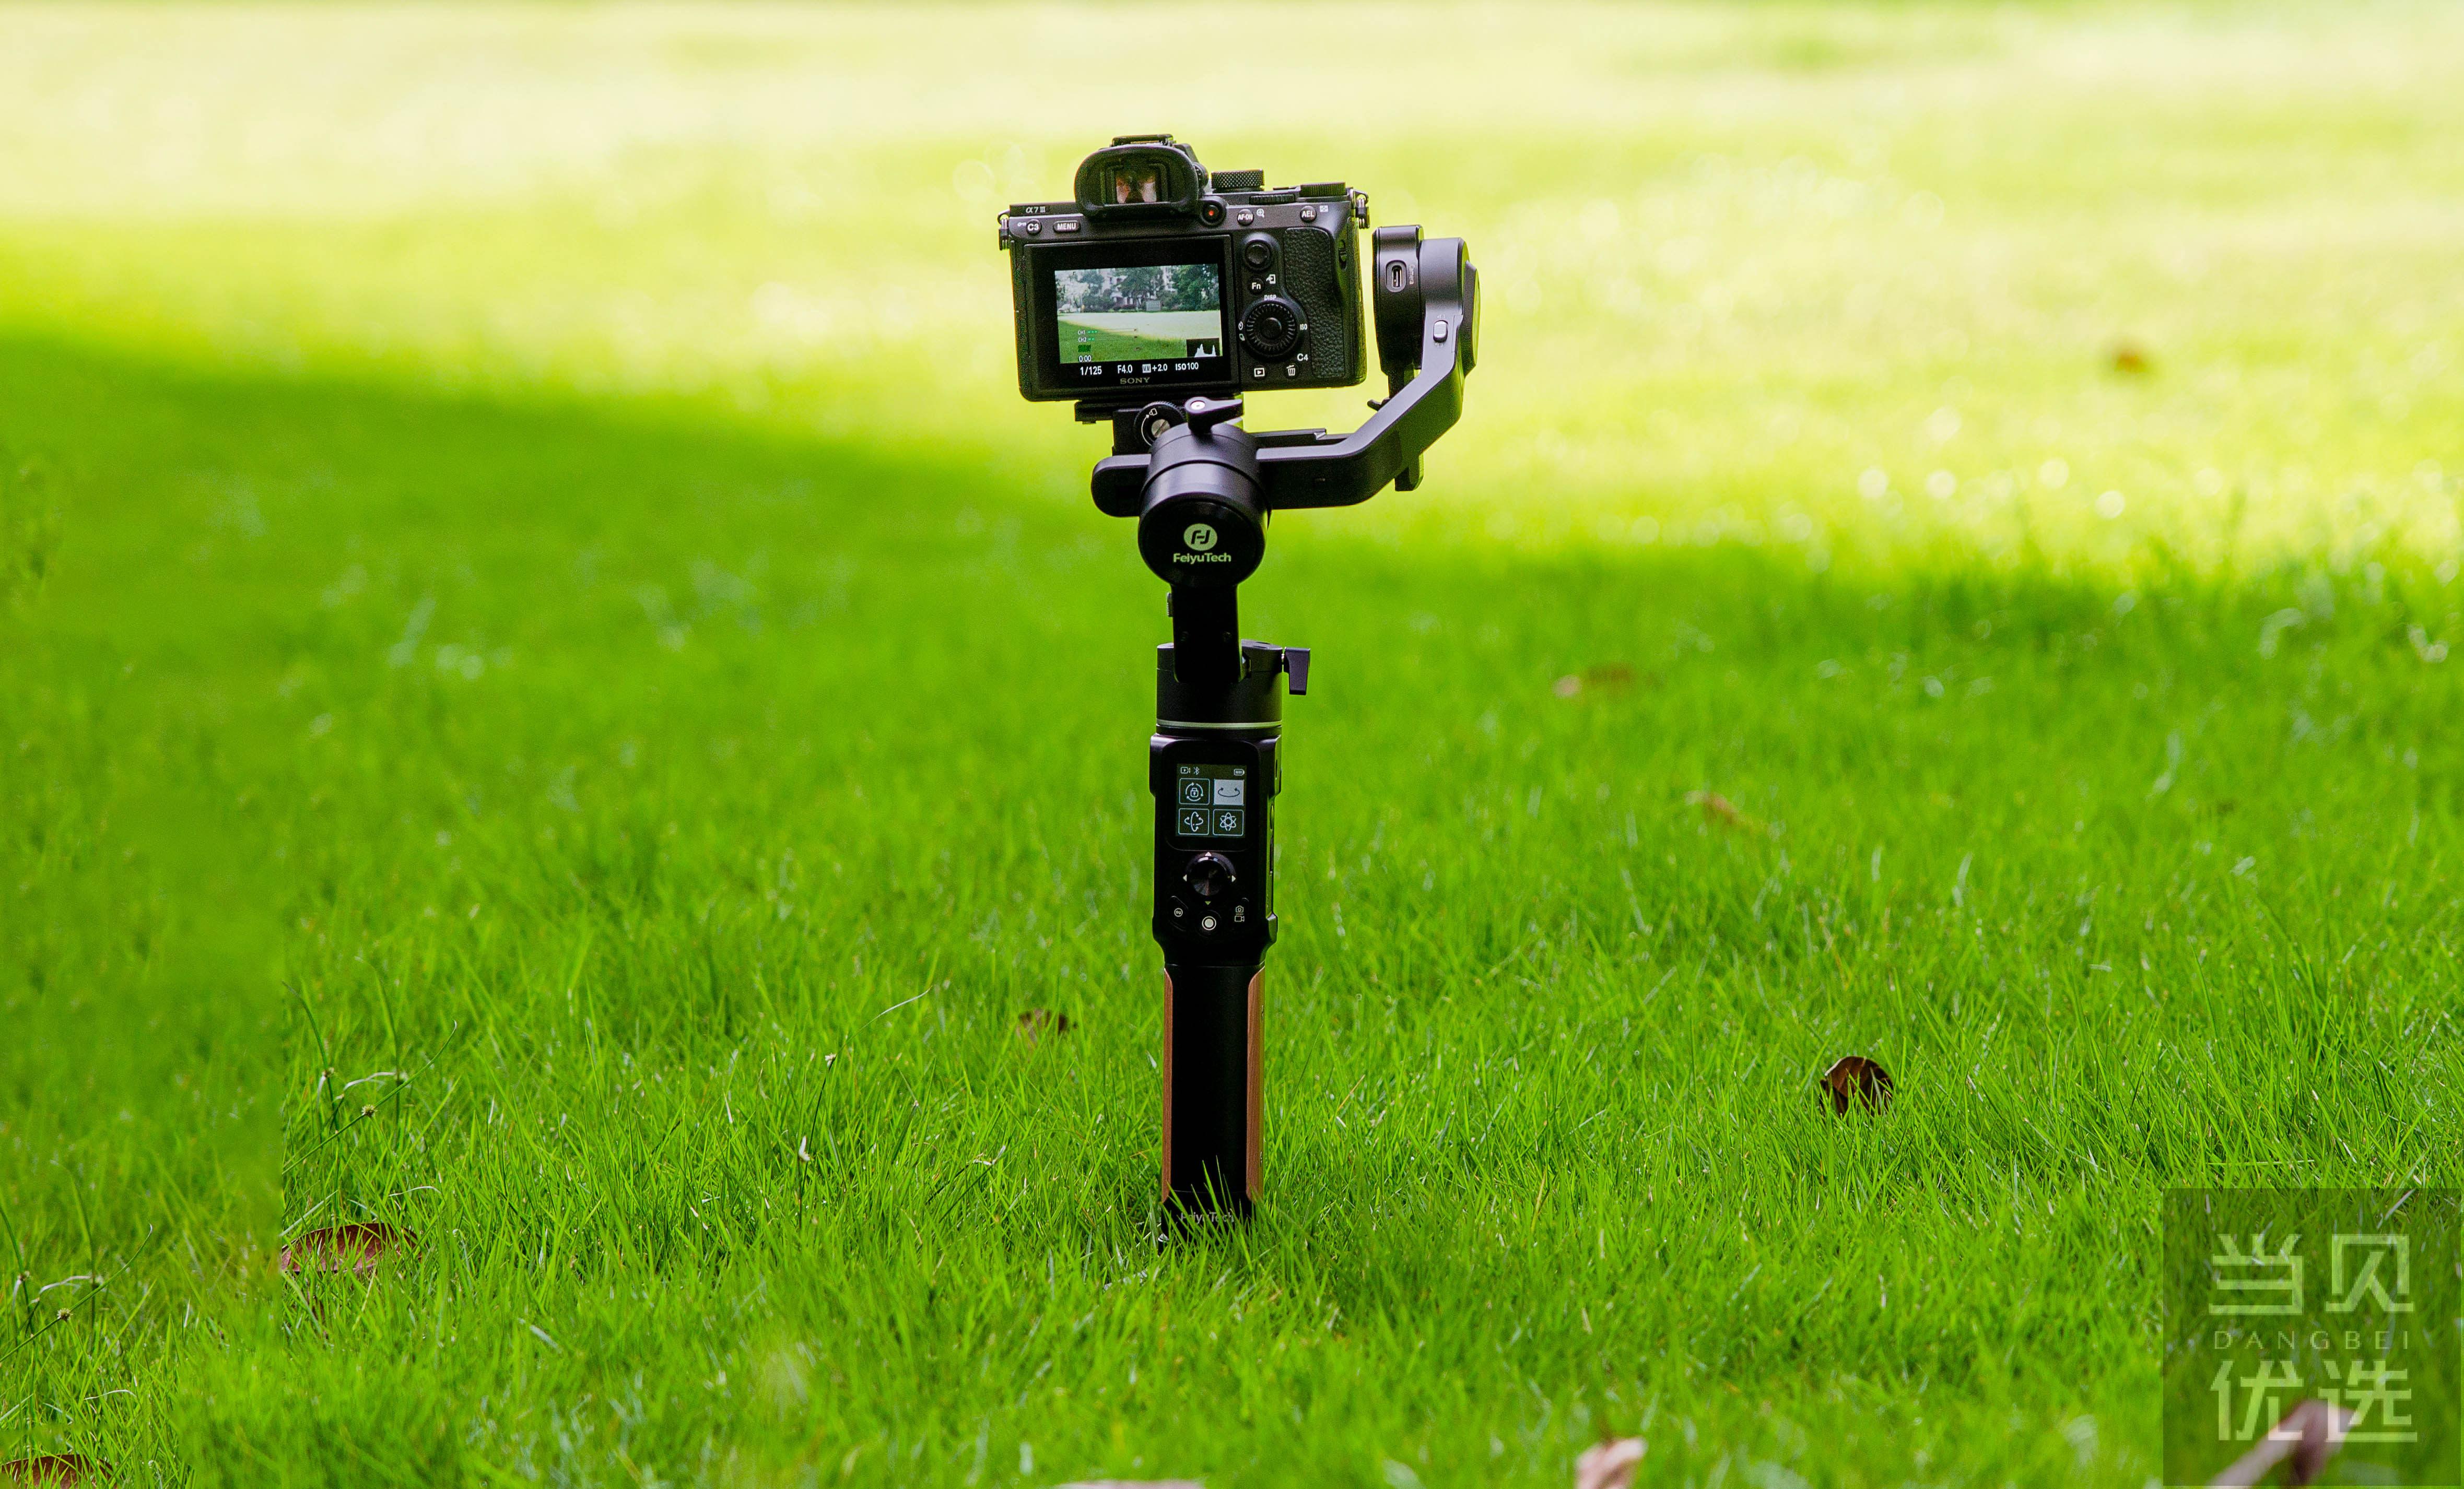 飞宇AK2000C微单稳定器评测:带触摸屏并支持无线控制相机